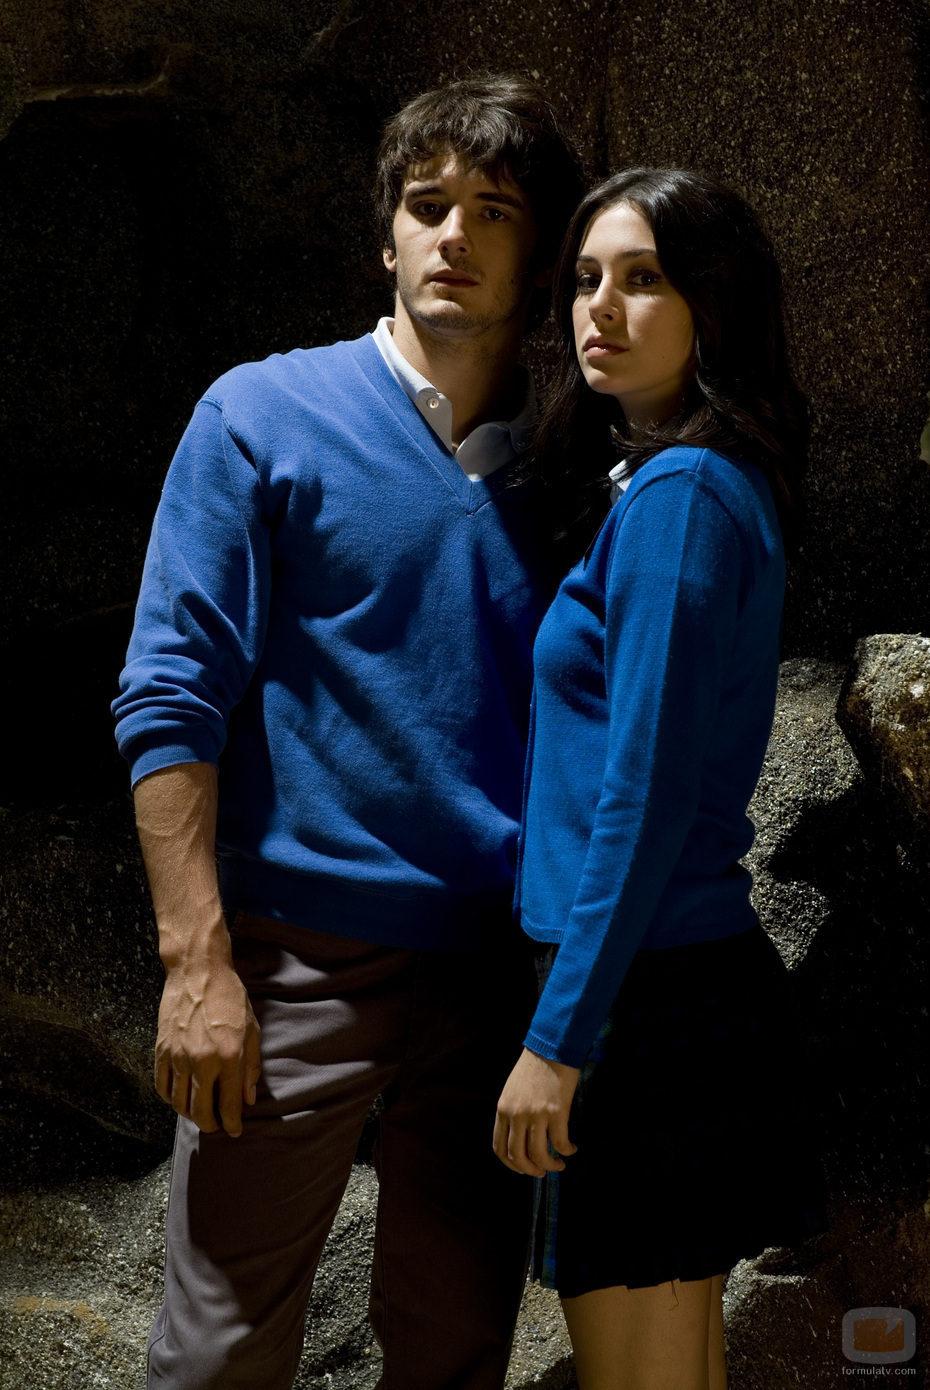 Iván y Julia, de El internado